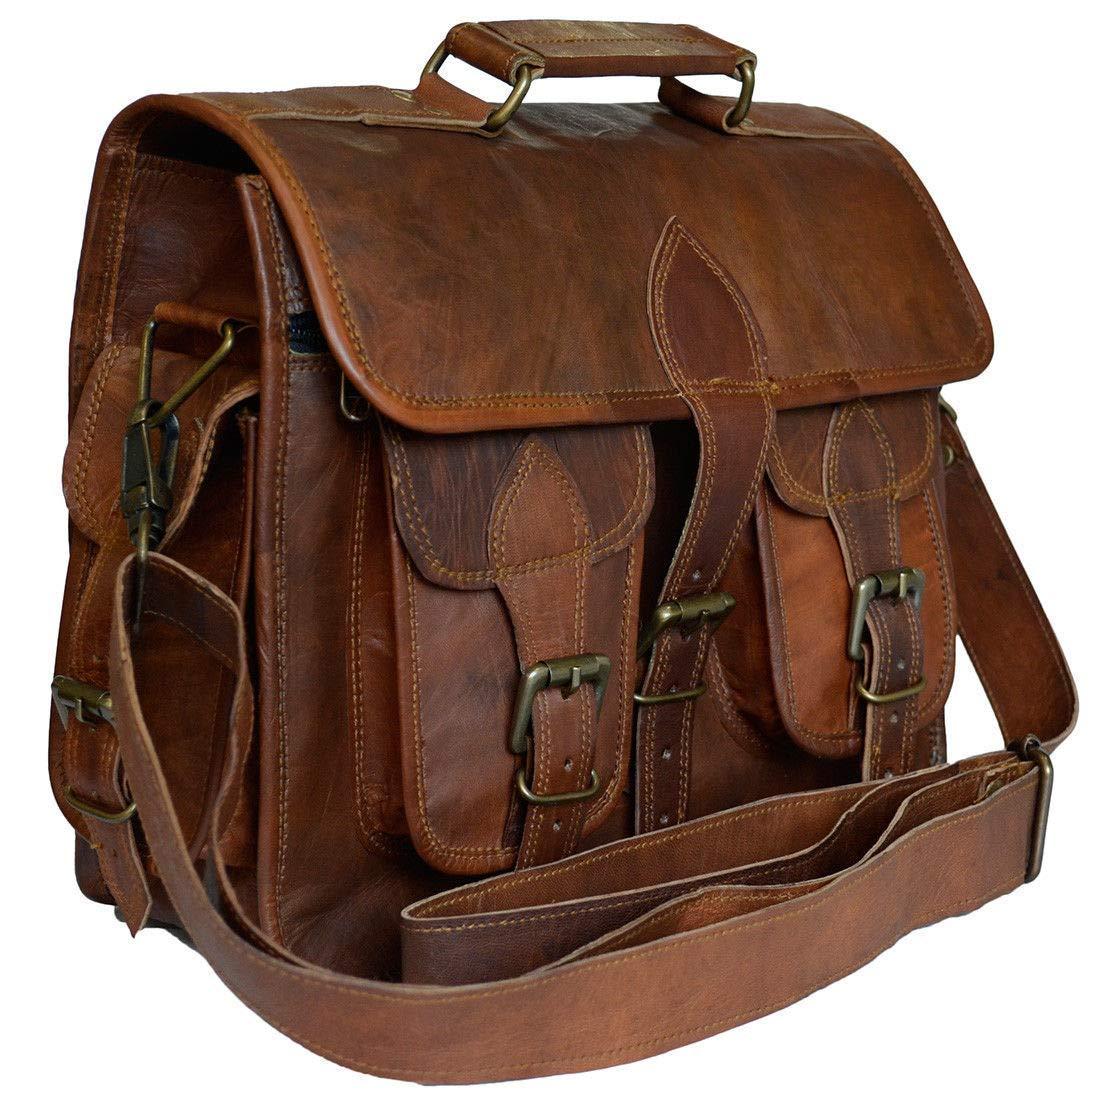 SALE Shakun Leather Messenger bag 15-inch handmade vintage bag Laptop bag shoulder bag FREE shipping